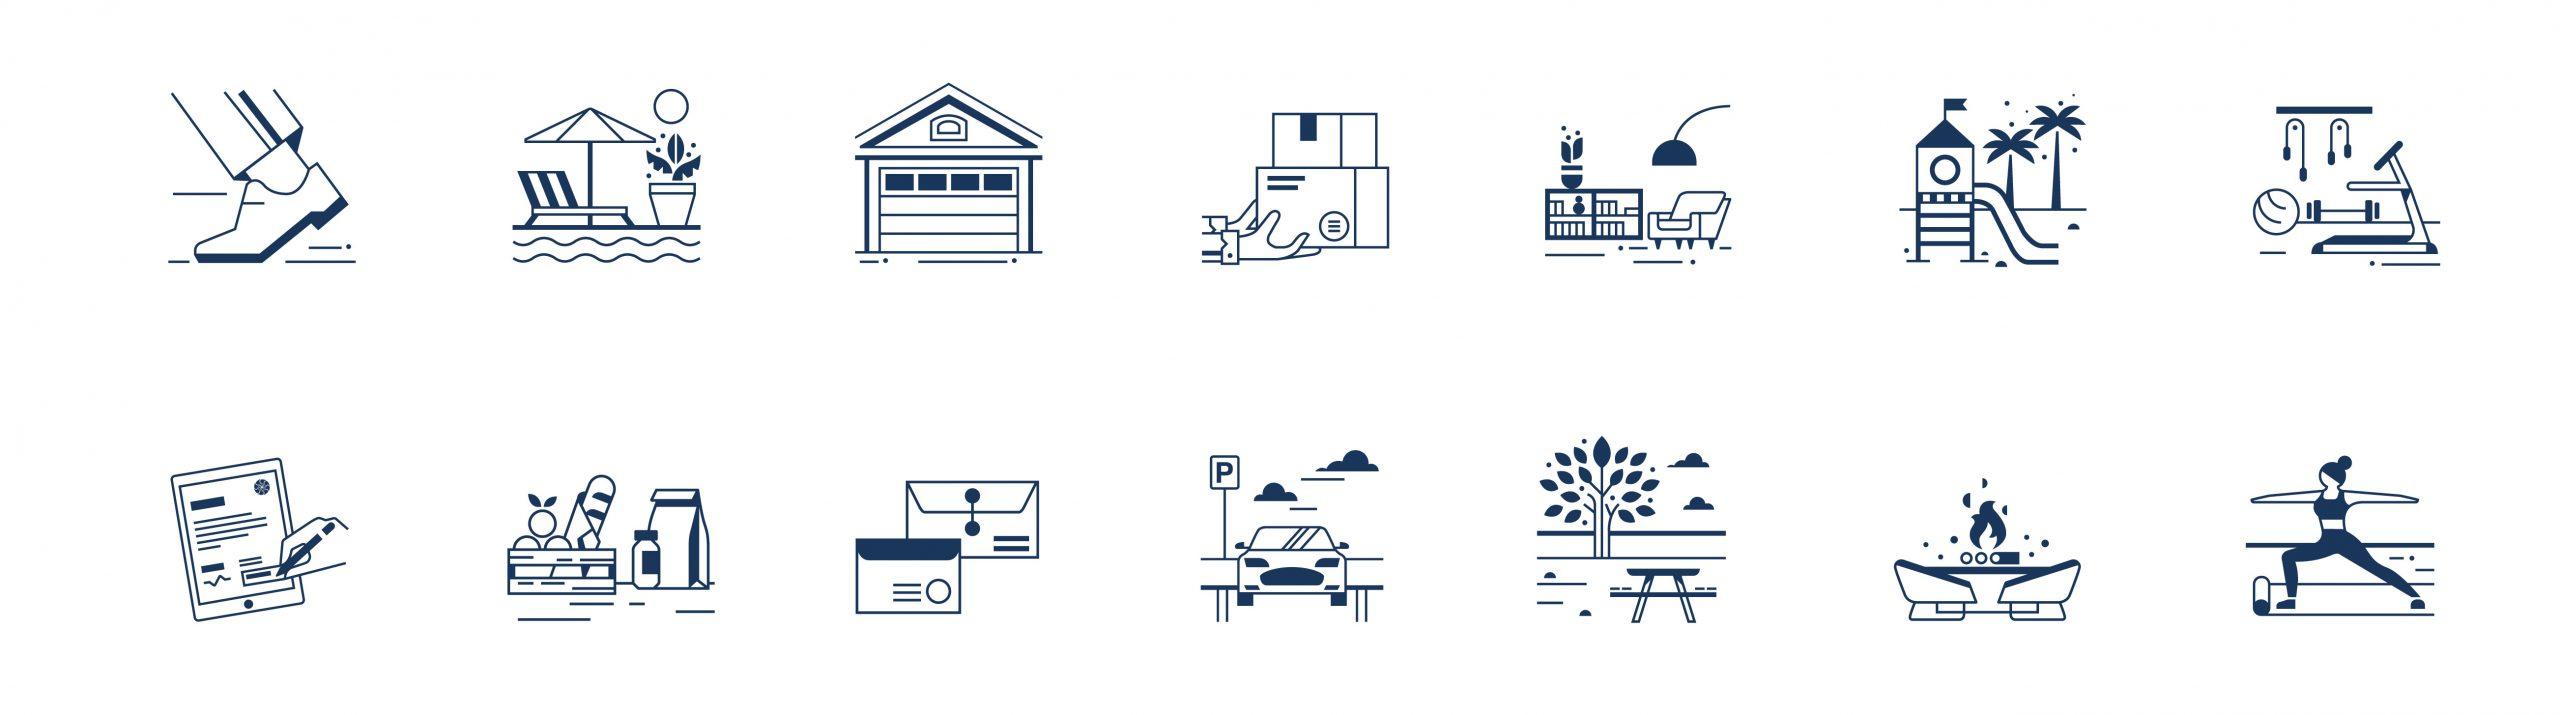 Gelpi Design Icons set illustration for Five by Five agency